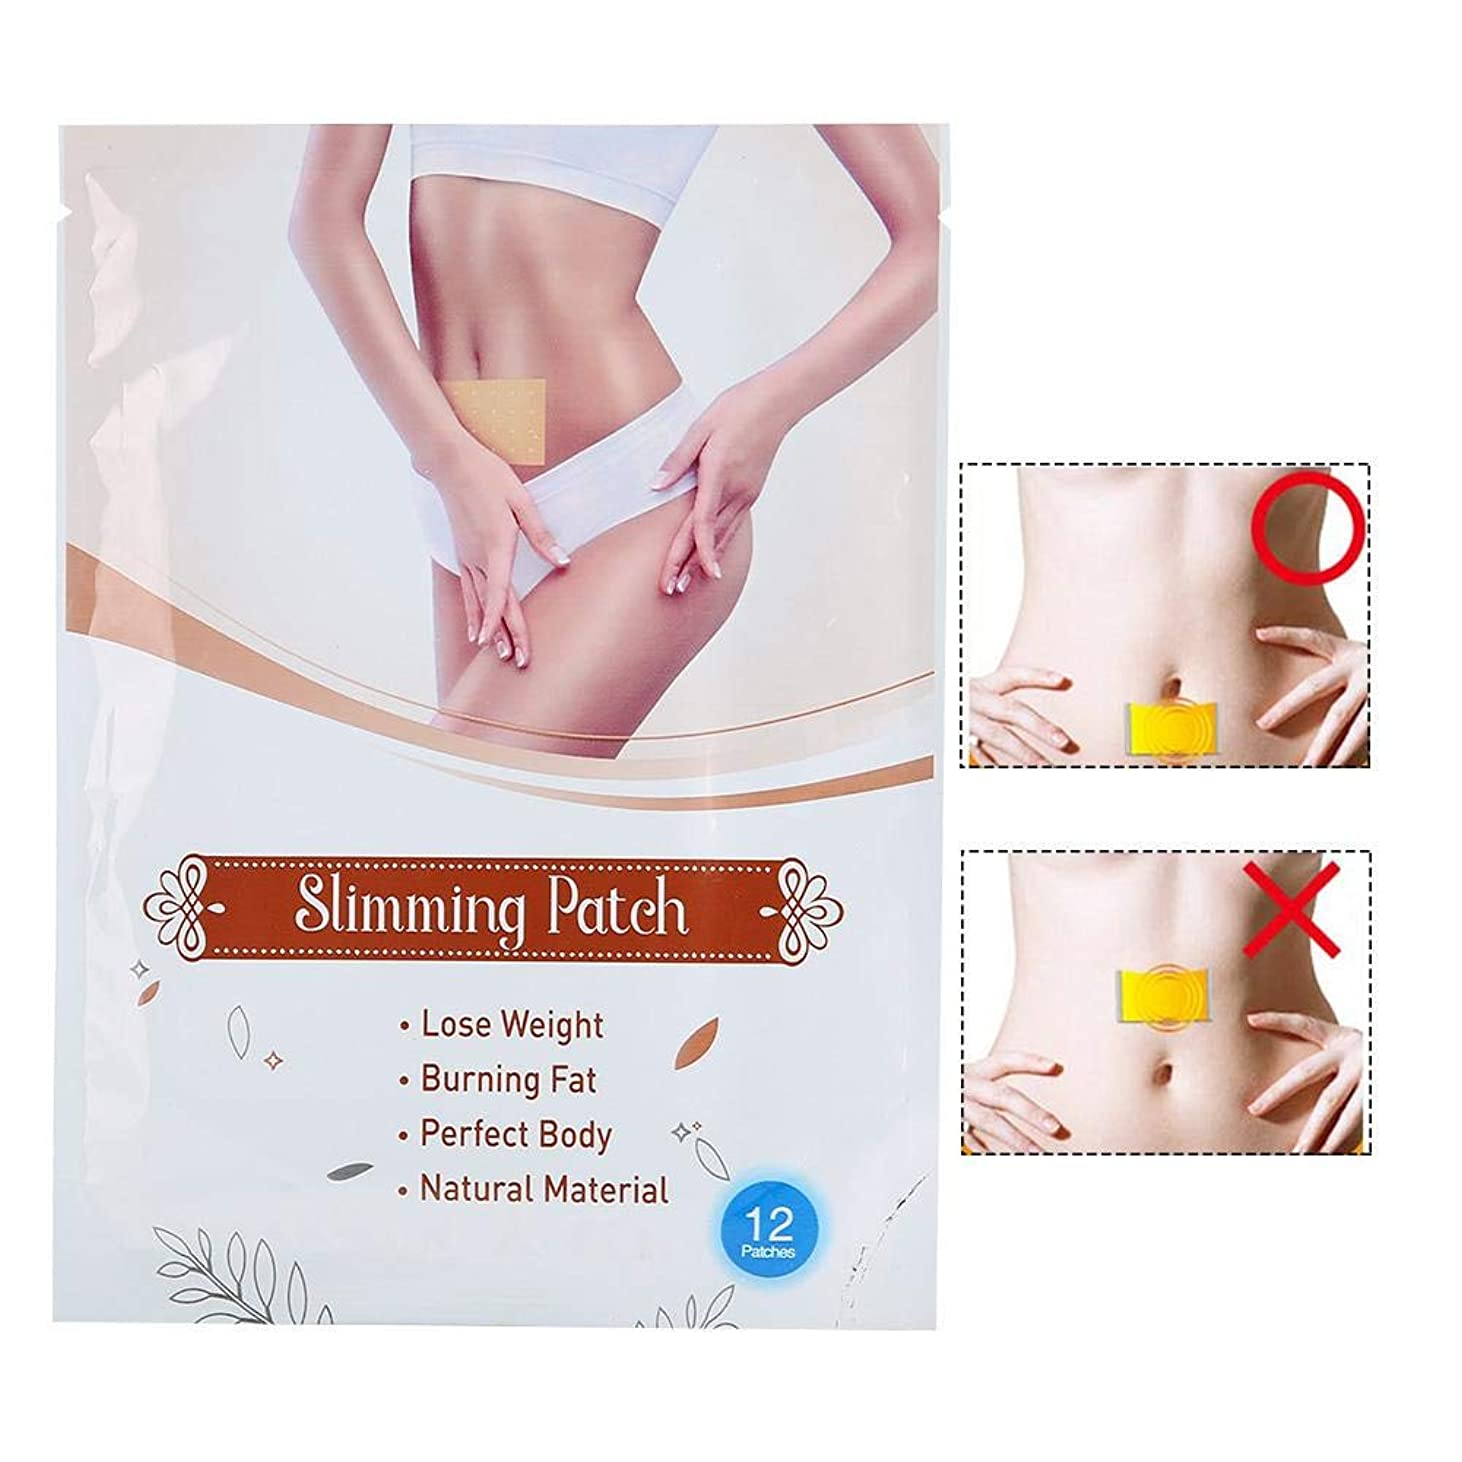 論理的に残りレインコート12PCS痩身ステッカー - 体脂肪バーナー - 減量デトックス、スリムパッチ - 男性と女性用